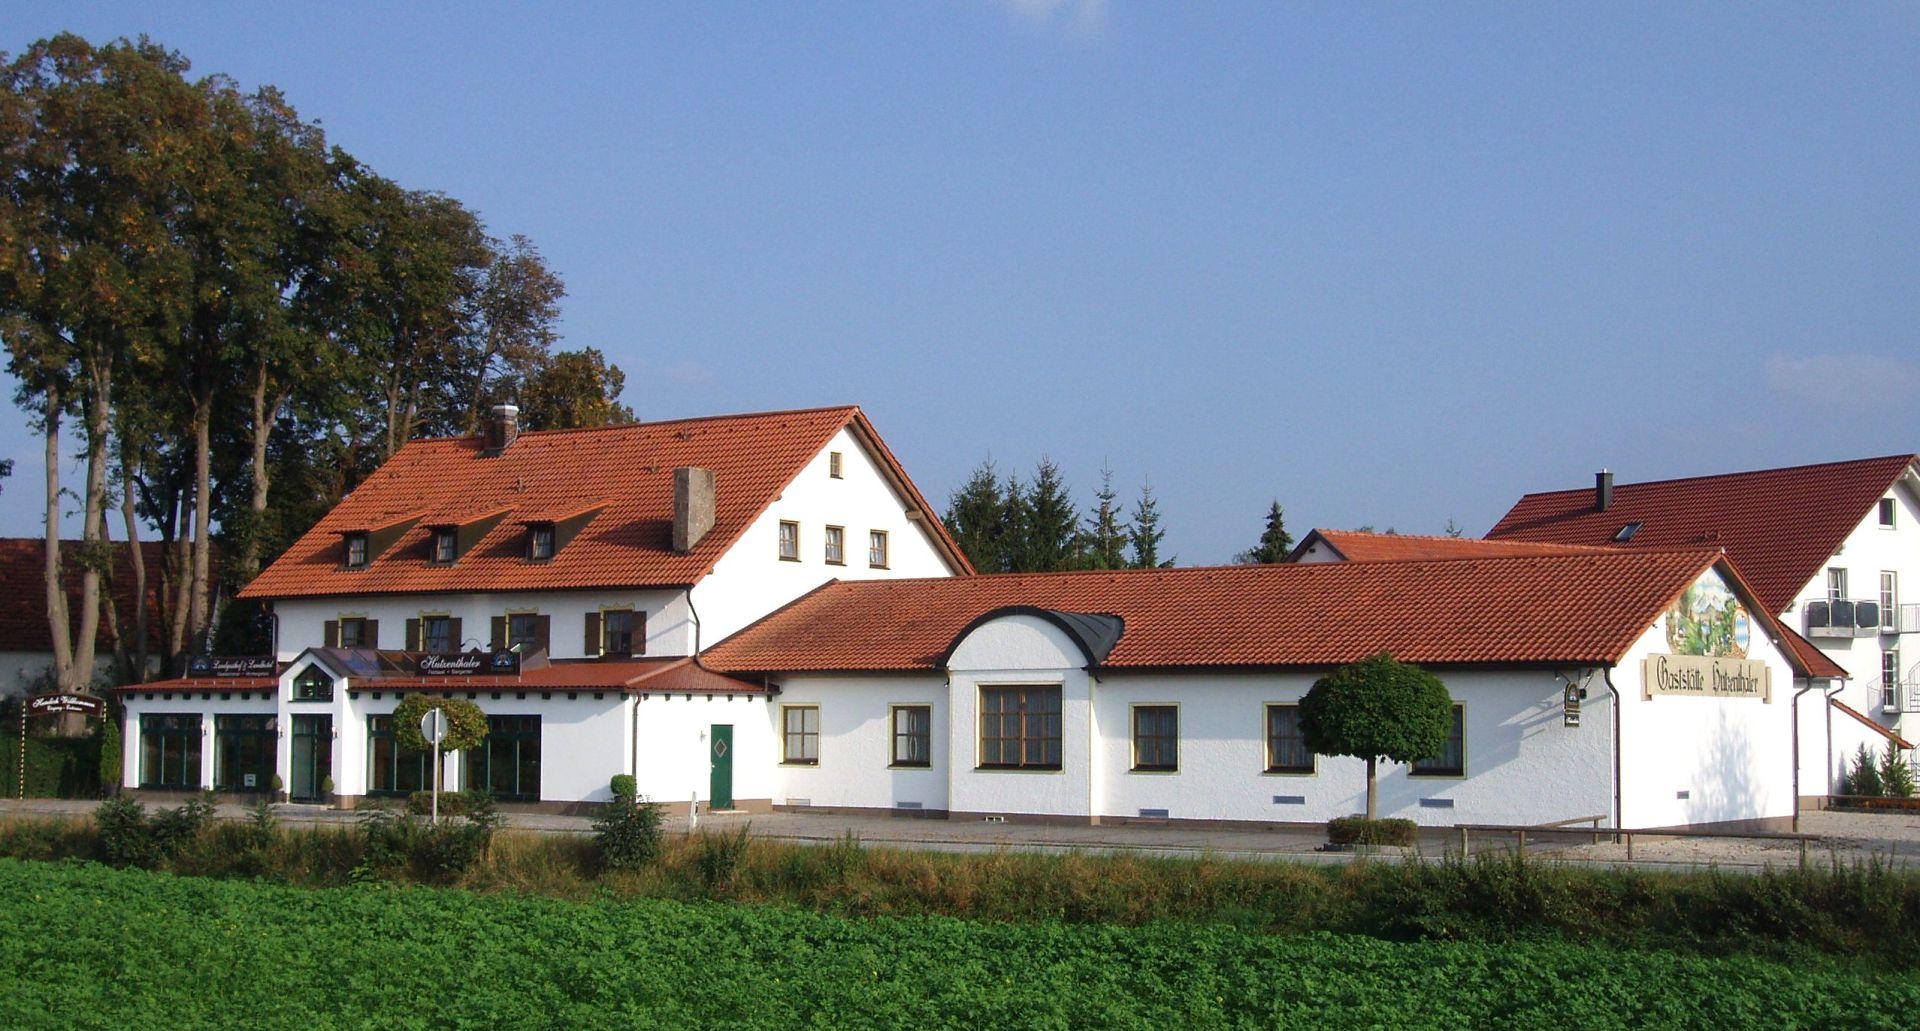 Verkehrsverein Landshut: Bayerische Küche in der Region Landshut